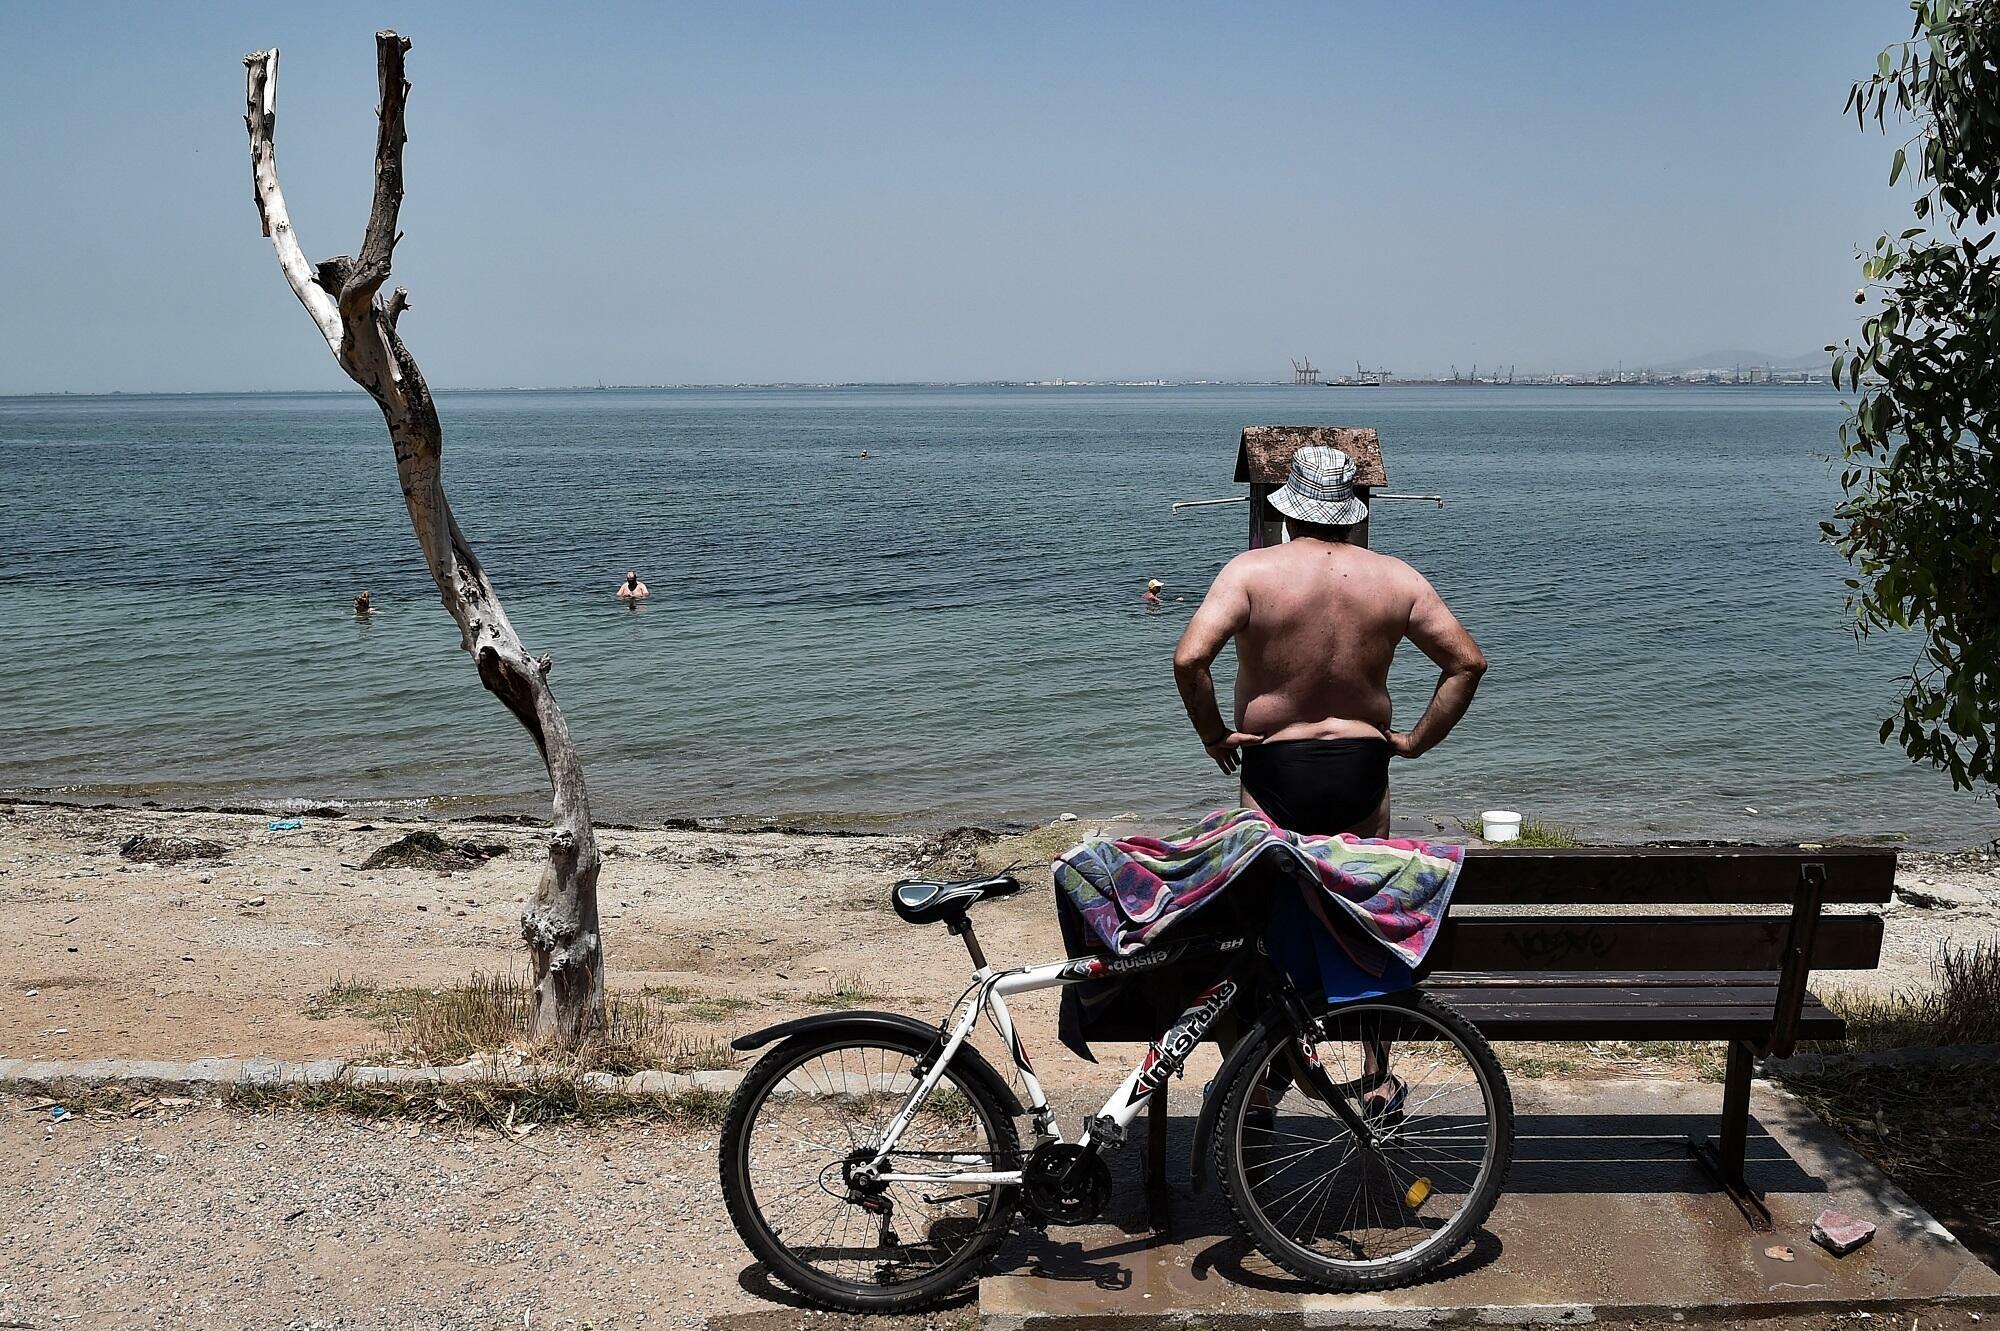 A man near a beach in Thessaloniki.